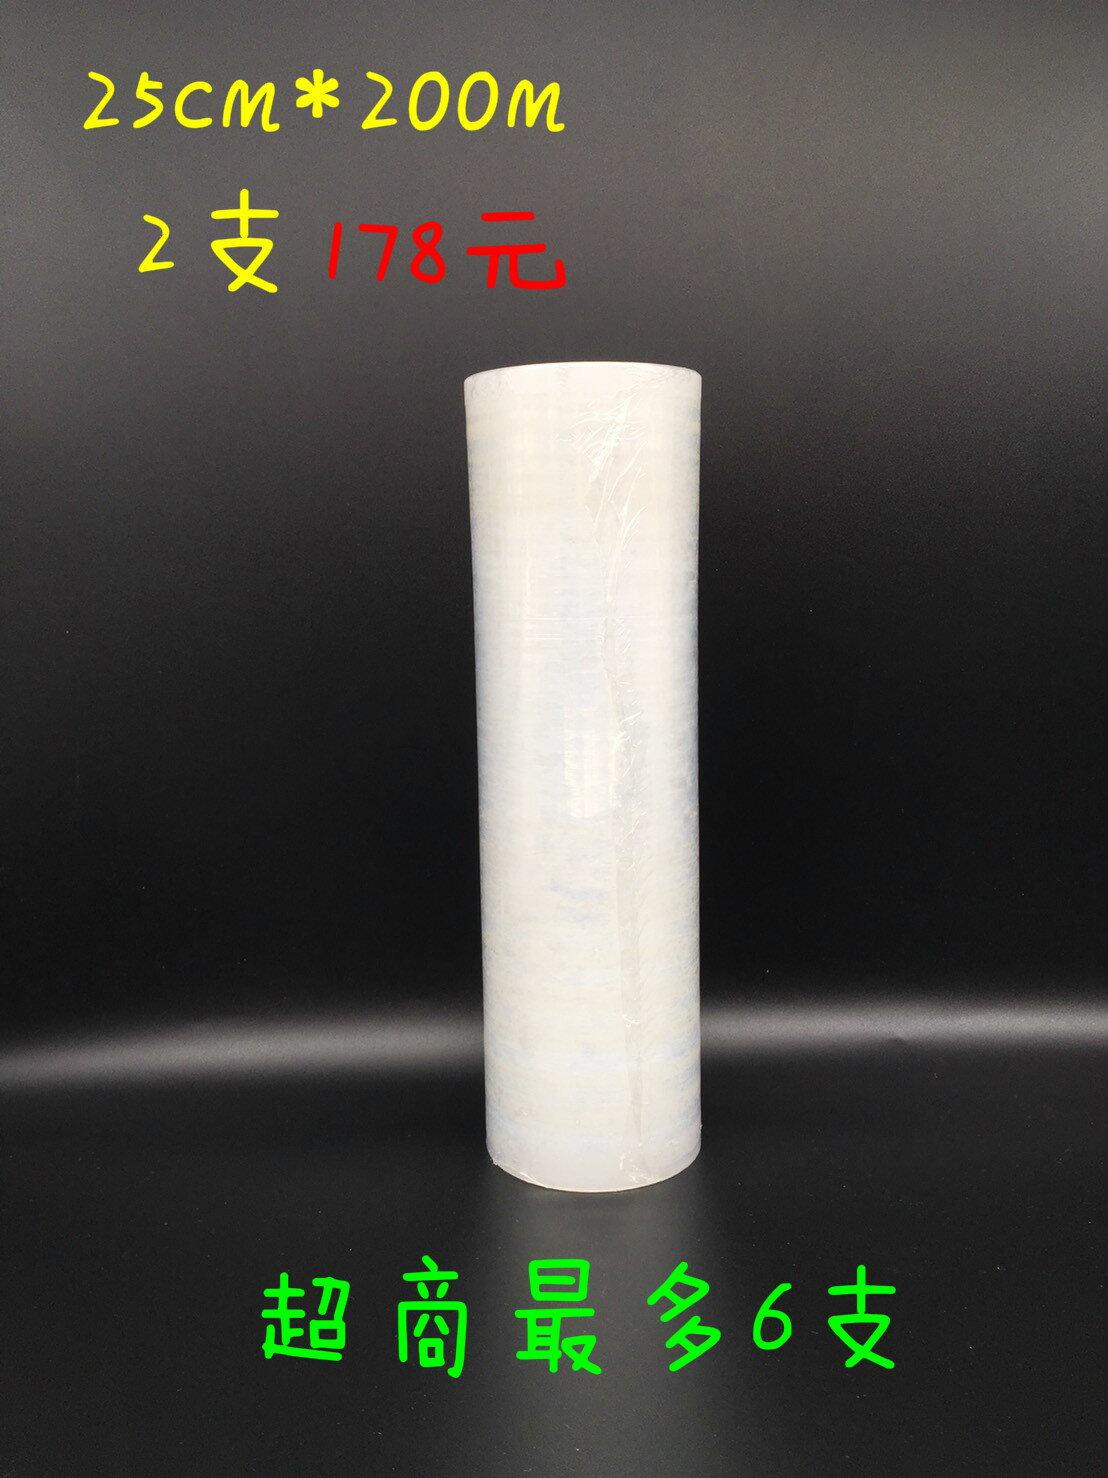 ❤含發票❤團購價❤約25cm*200m棧板膜❤2支❤棧板模/膠帶/PE模/PE膜/包裝/透明膠帶/膠膜/工業❤